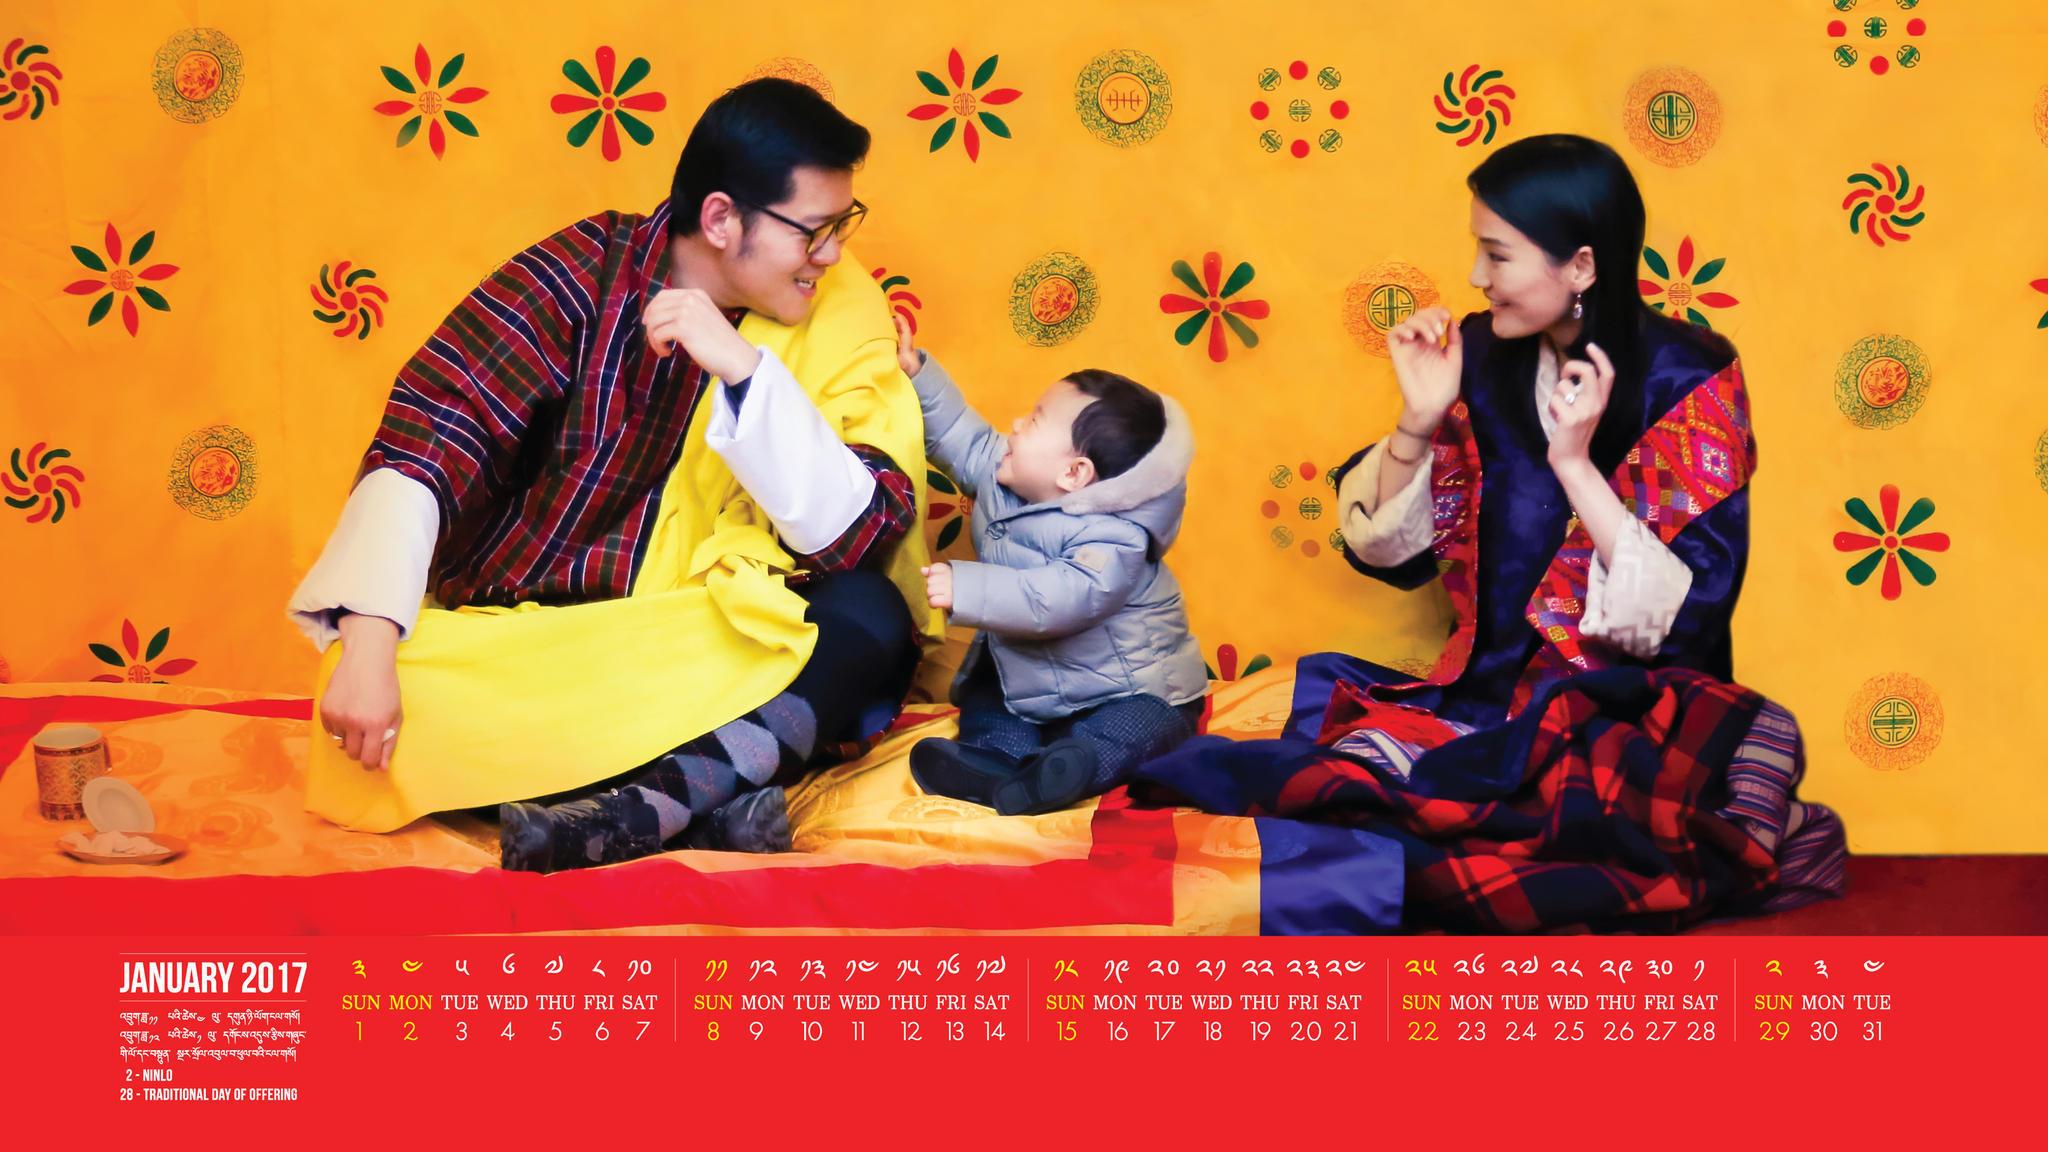 Königshaus Bhutan Das Leben von Jigme und Jetsun  S 5